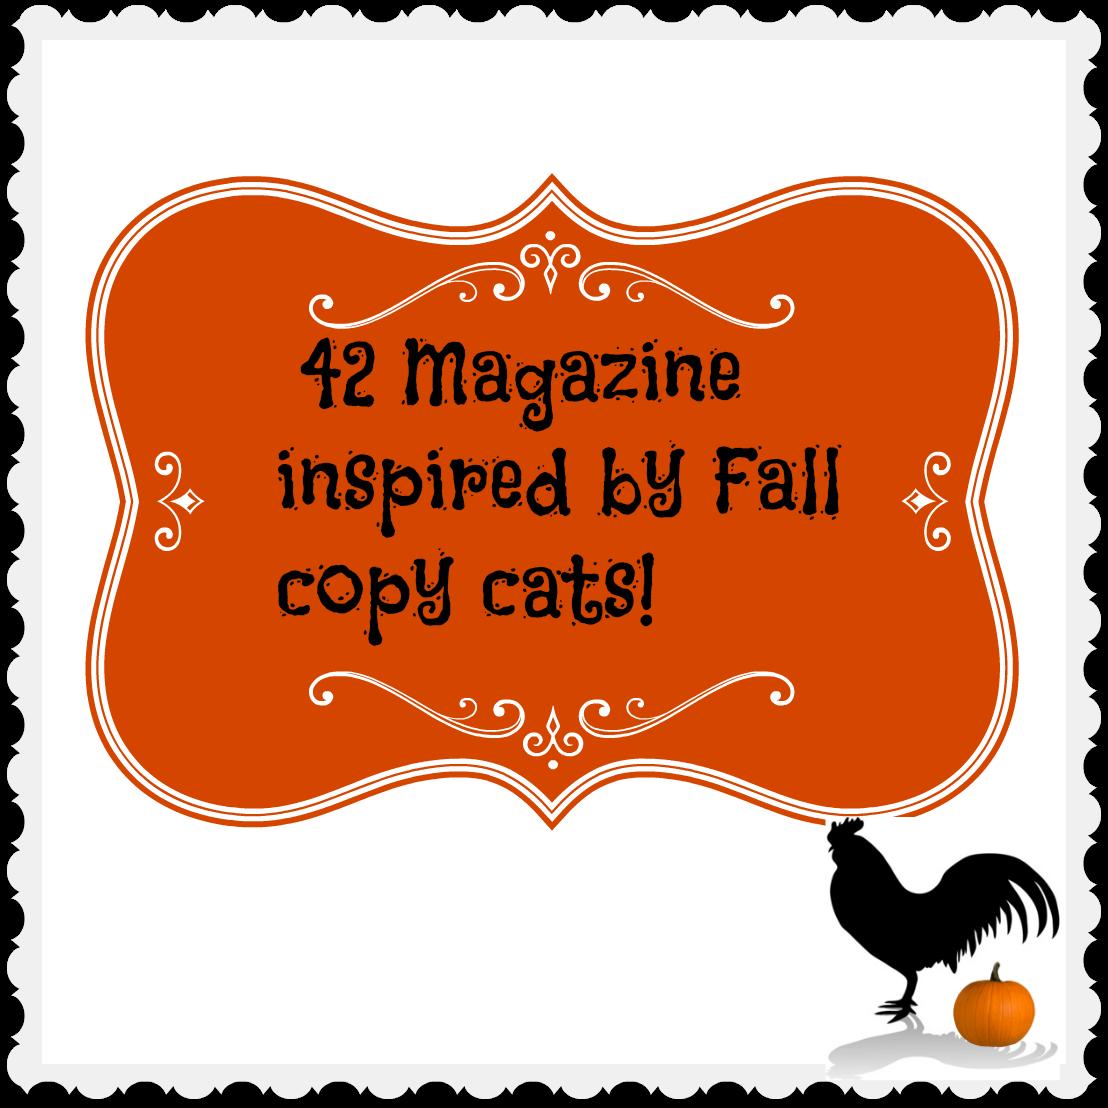 Fall copy cats